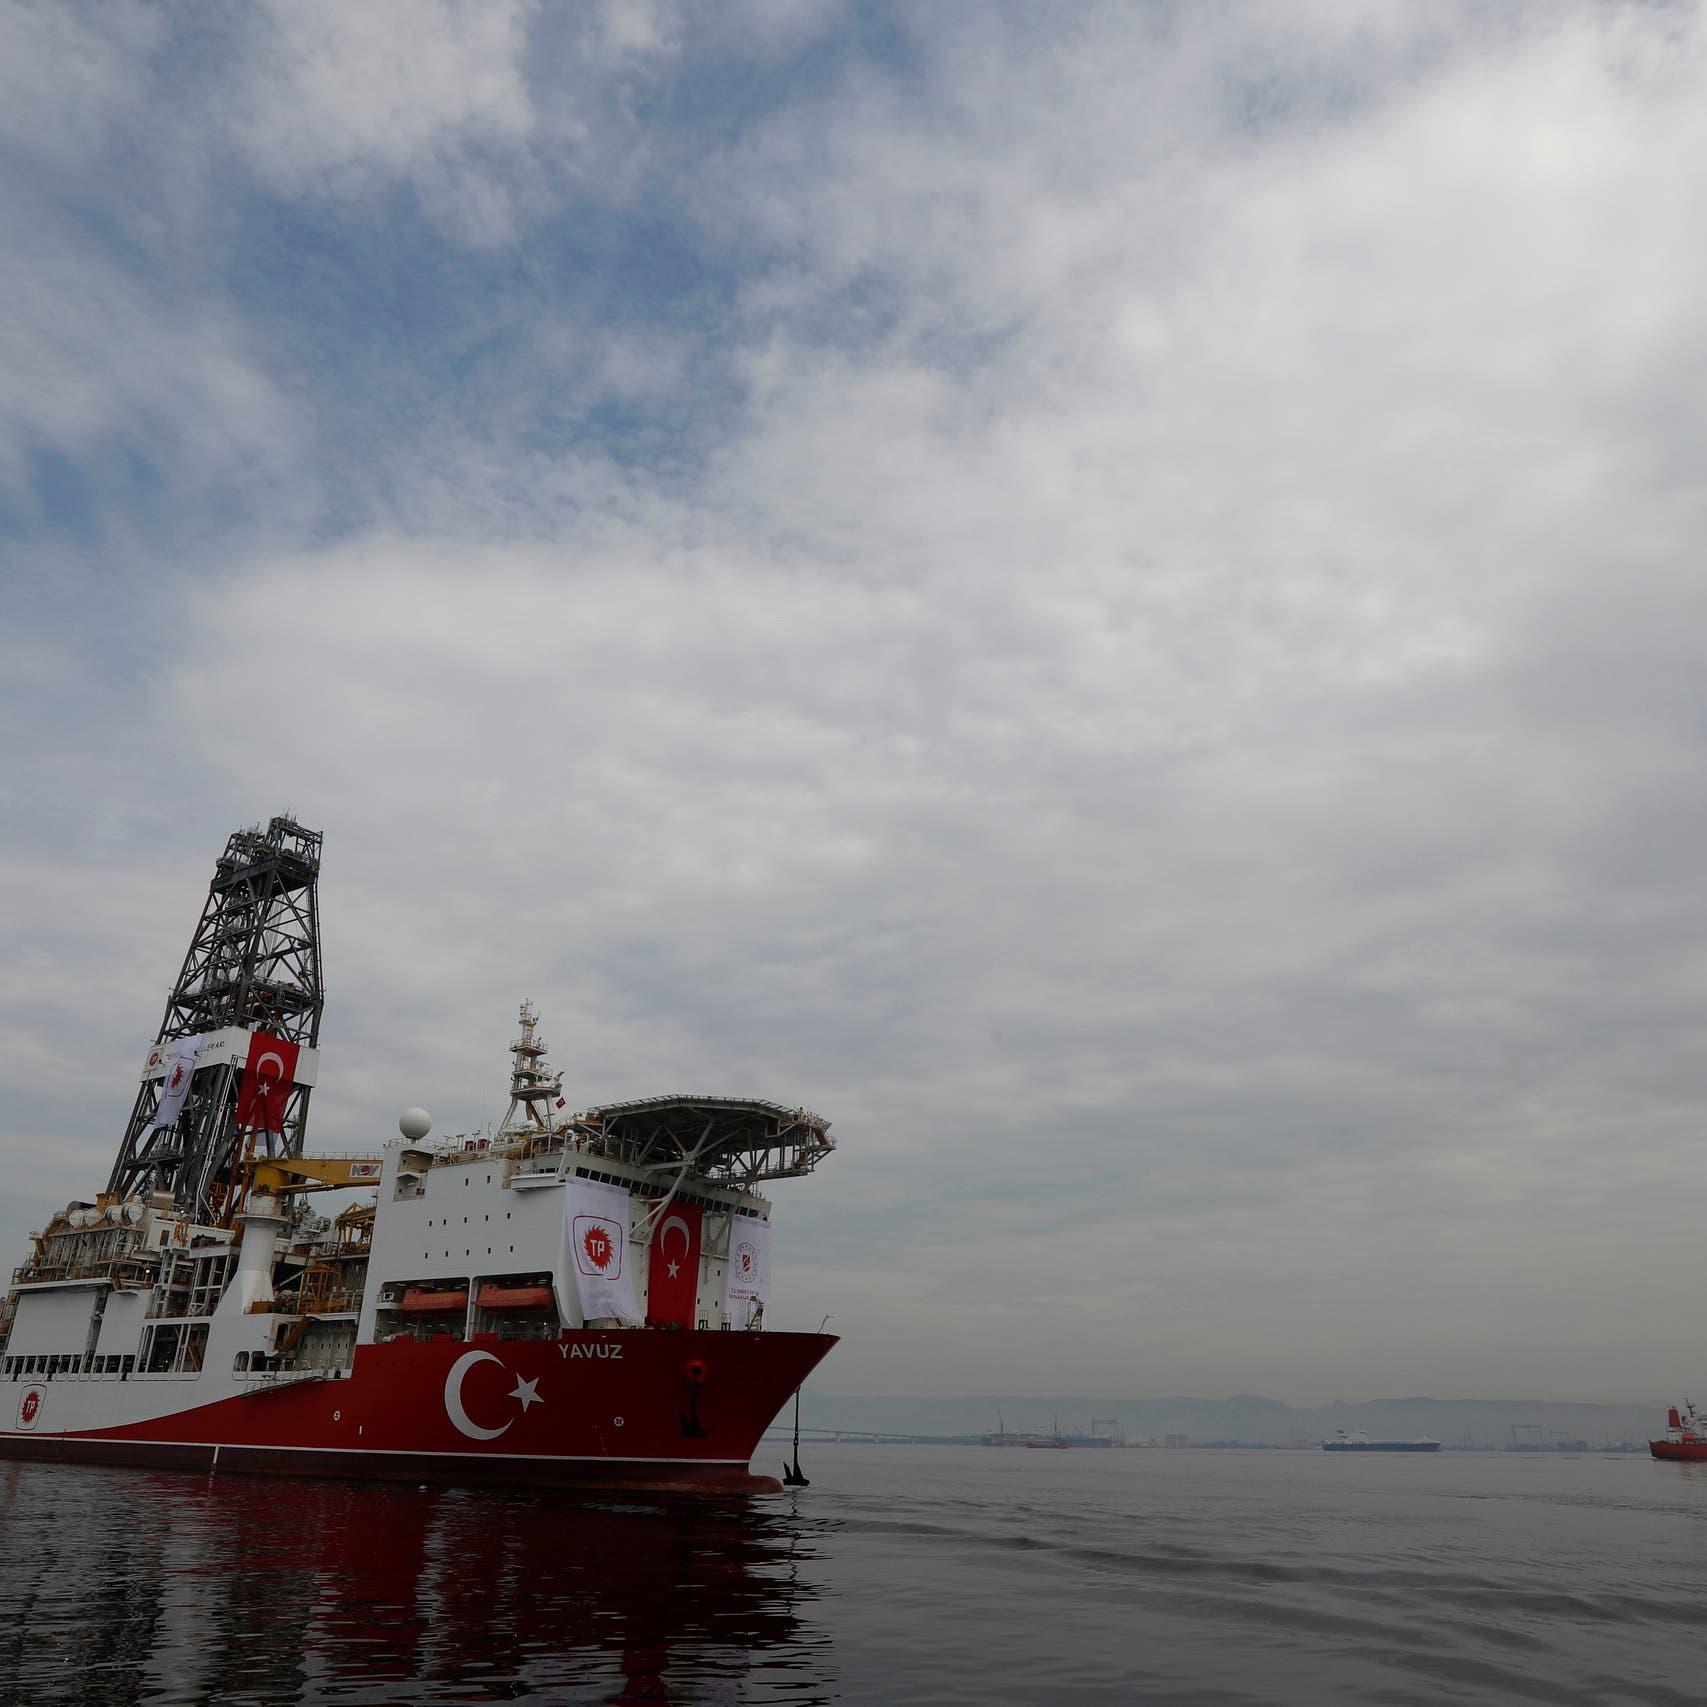 صحيفة يونانية: تركيا سحبت سفناً عسكرية شرق المتوسط بعد تحذير أثينا